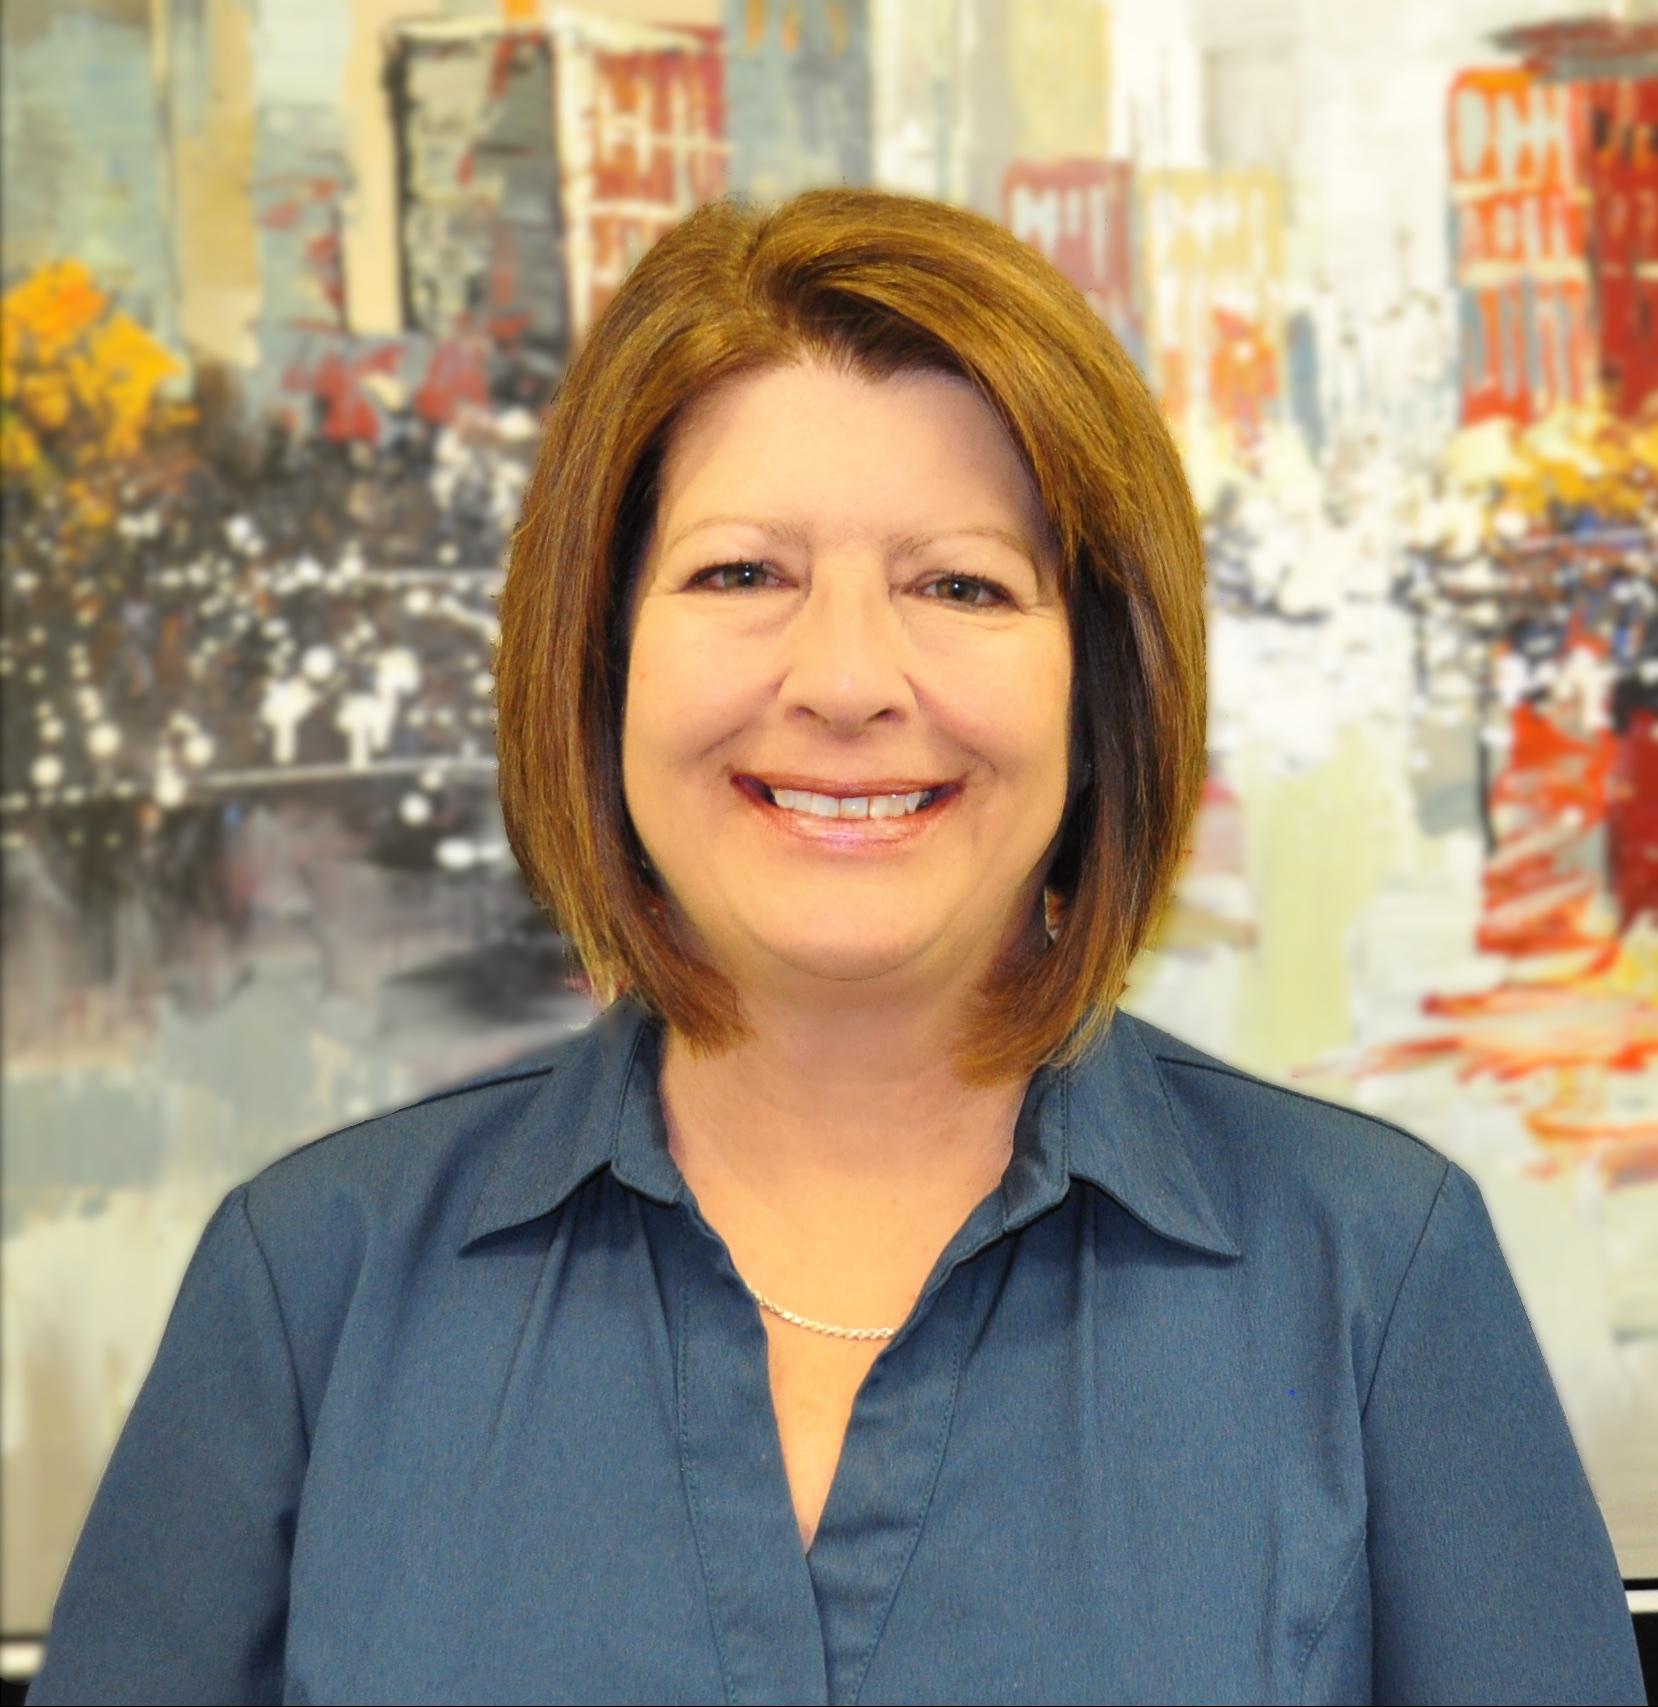 Kathy Shoesmith